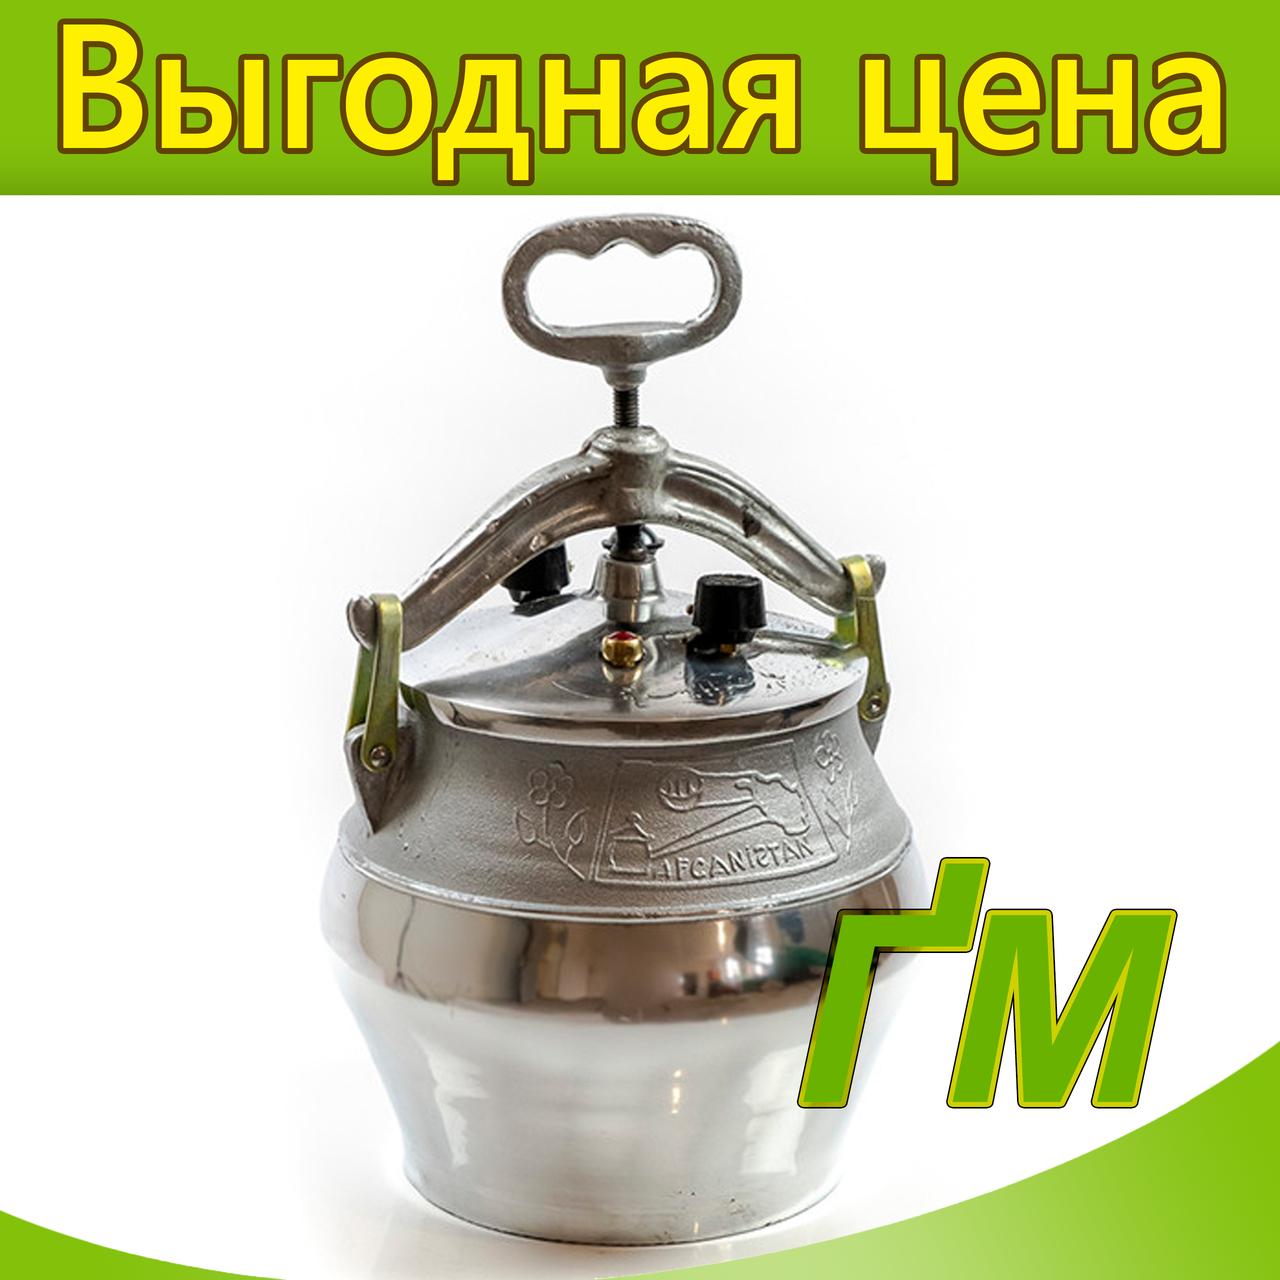 Казан афганский полуполированный с ручками, 20 л.